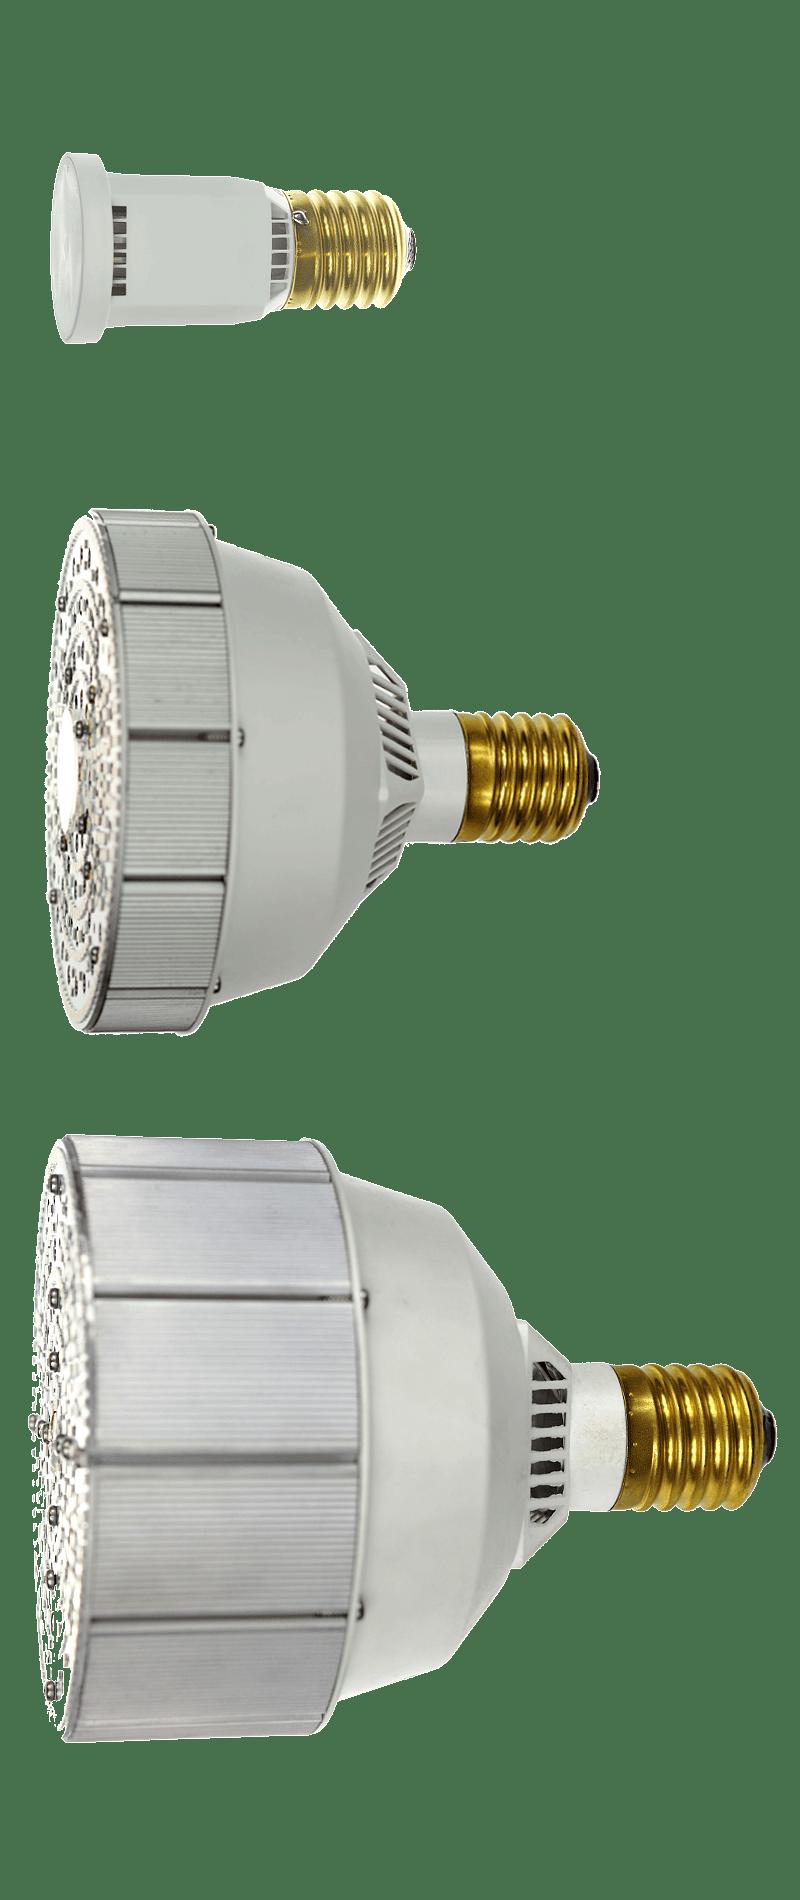 modelos de lámparas industriales